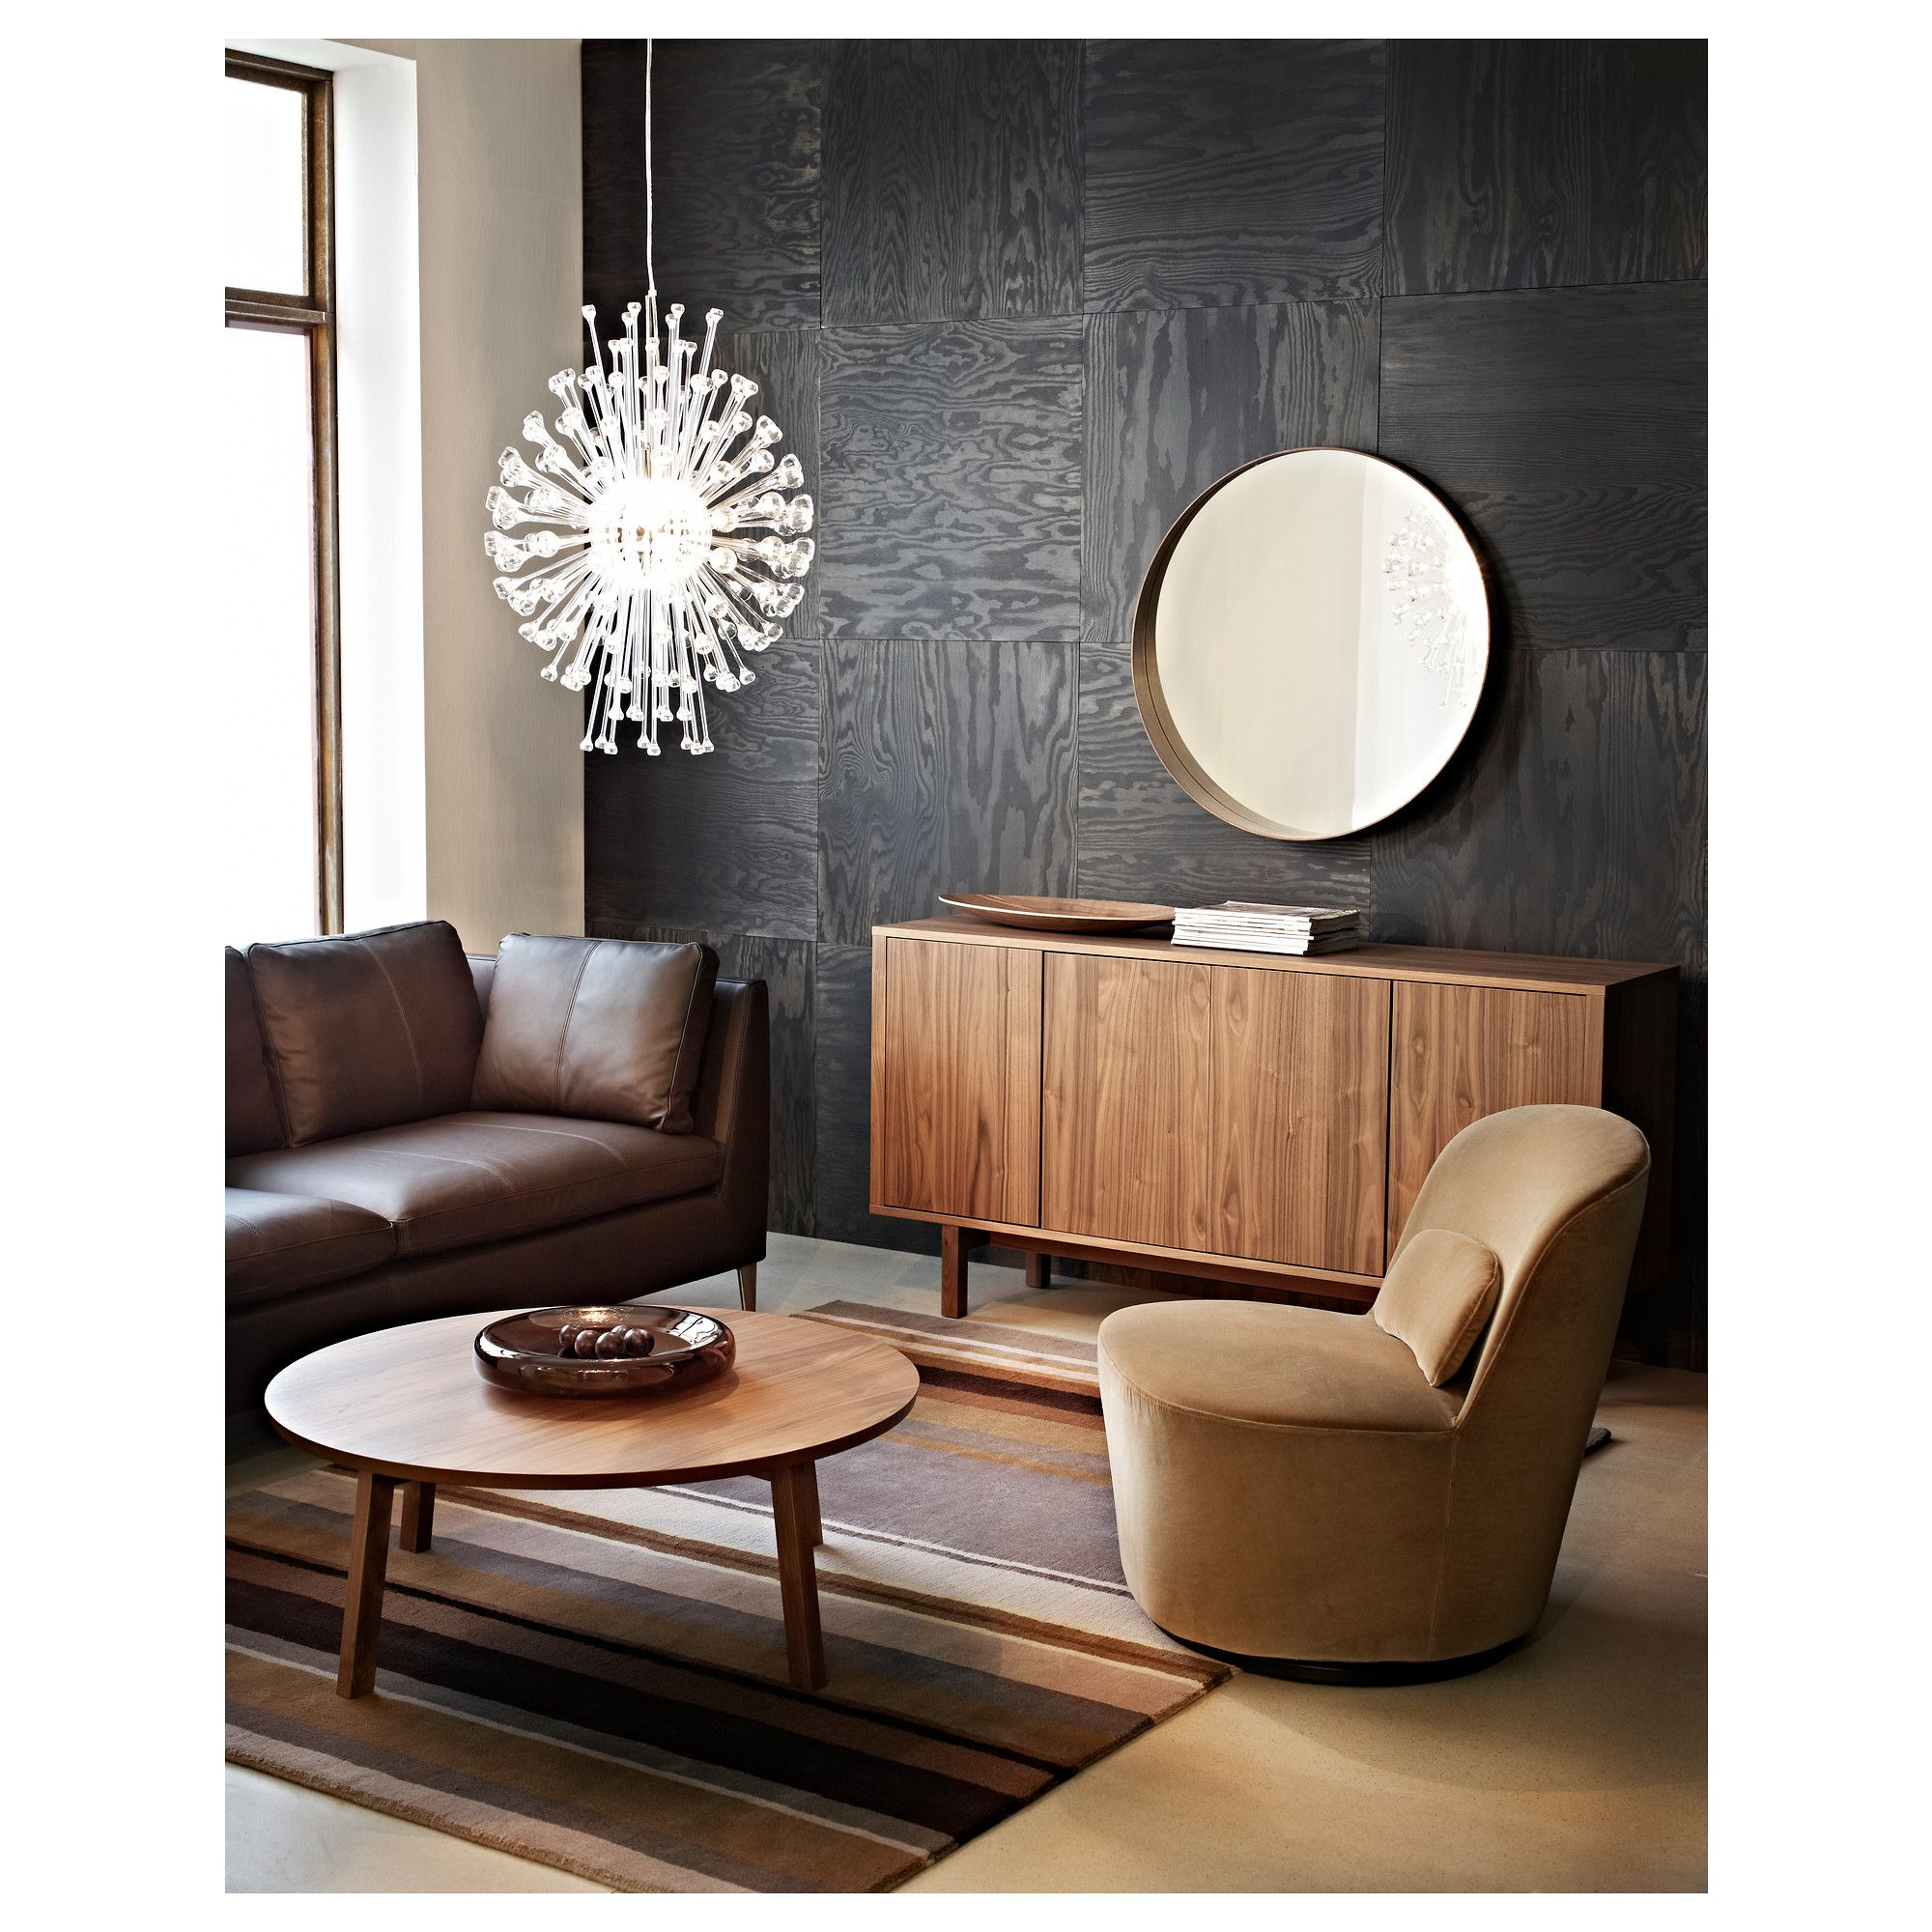 stockholm 170x240 ikea ikea furniture pinterest stockholm. Black Bedroom Furniture Sets. Home Design Ideas